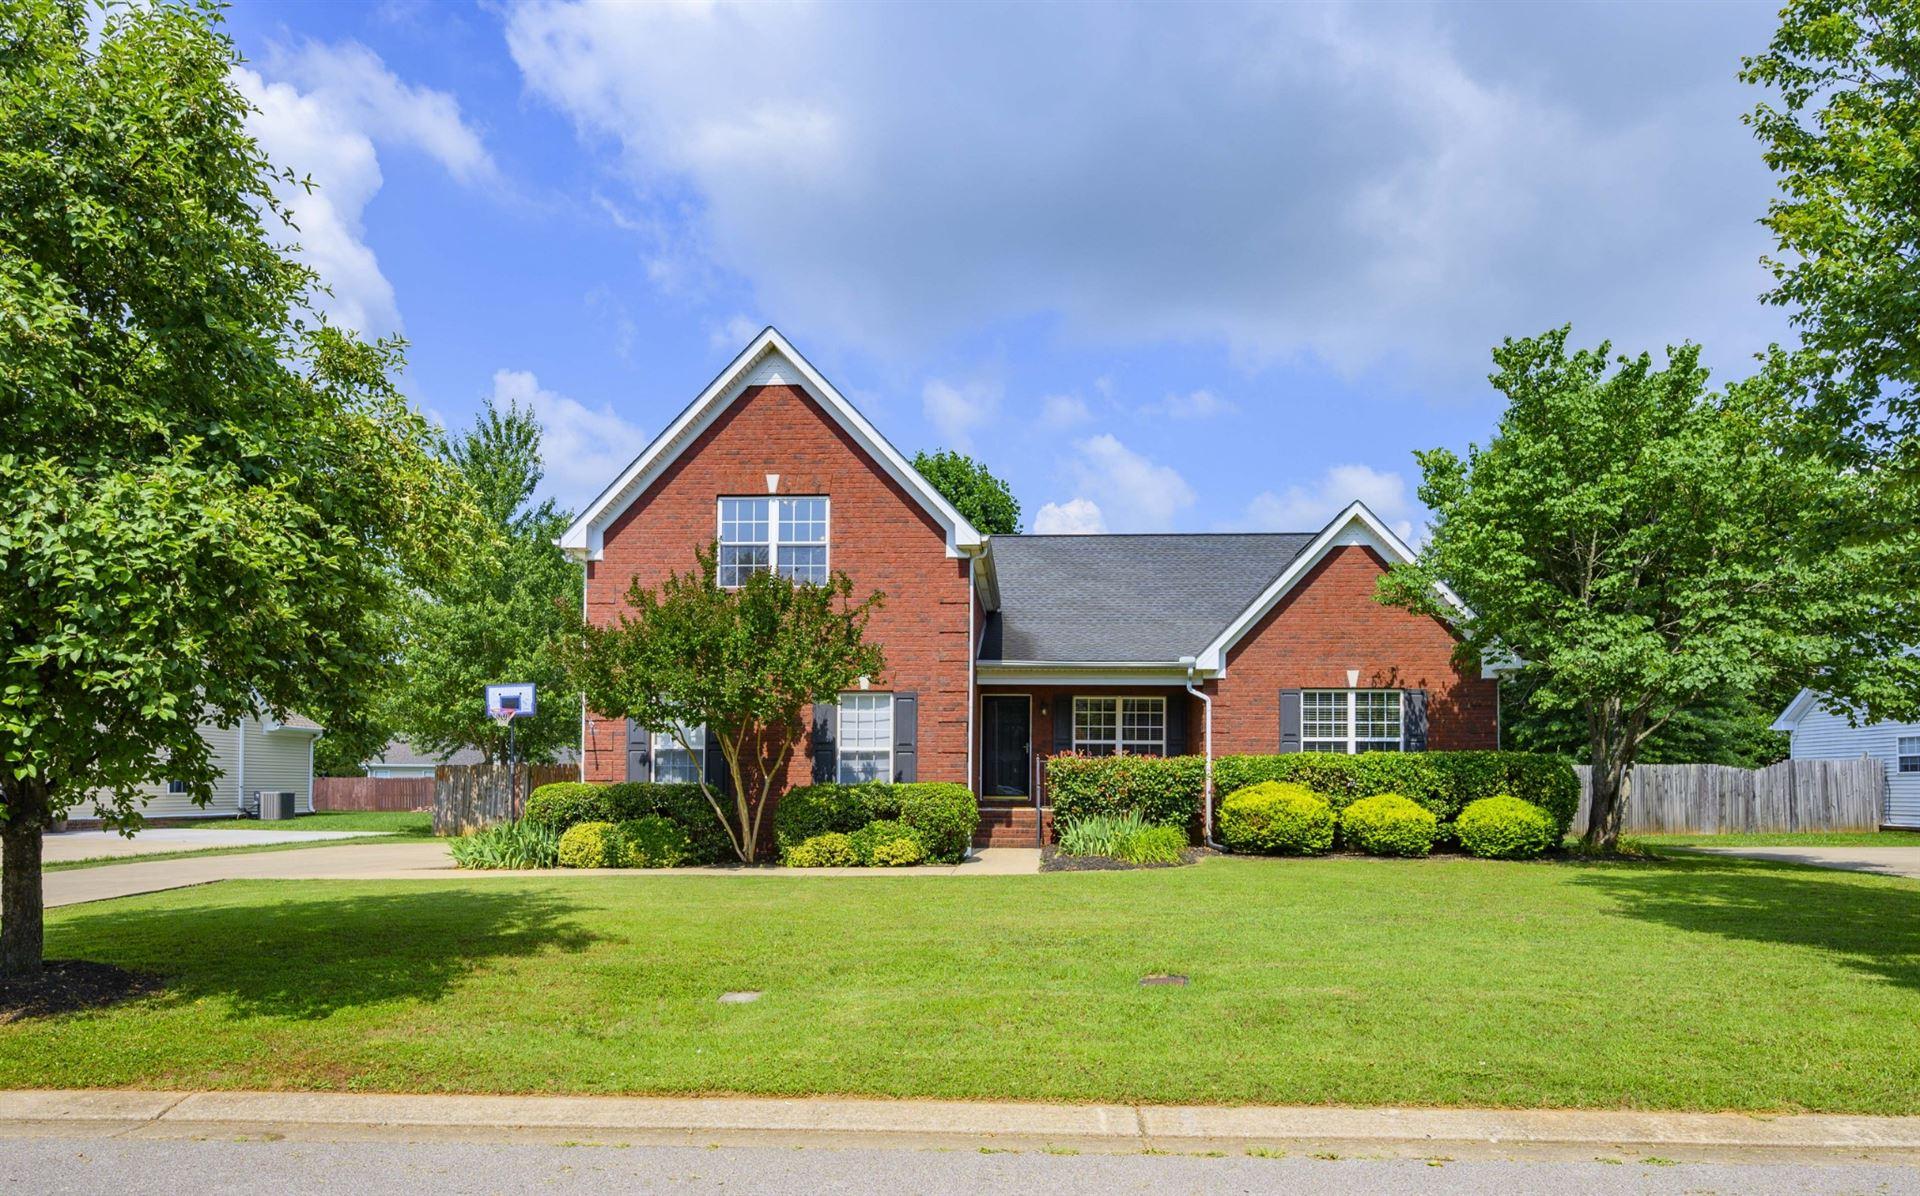 1756 Potters Ct, Murfreesboro, TN 37128 - MLS#: 2263916